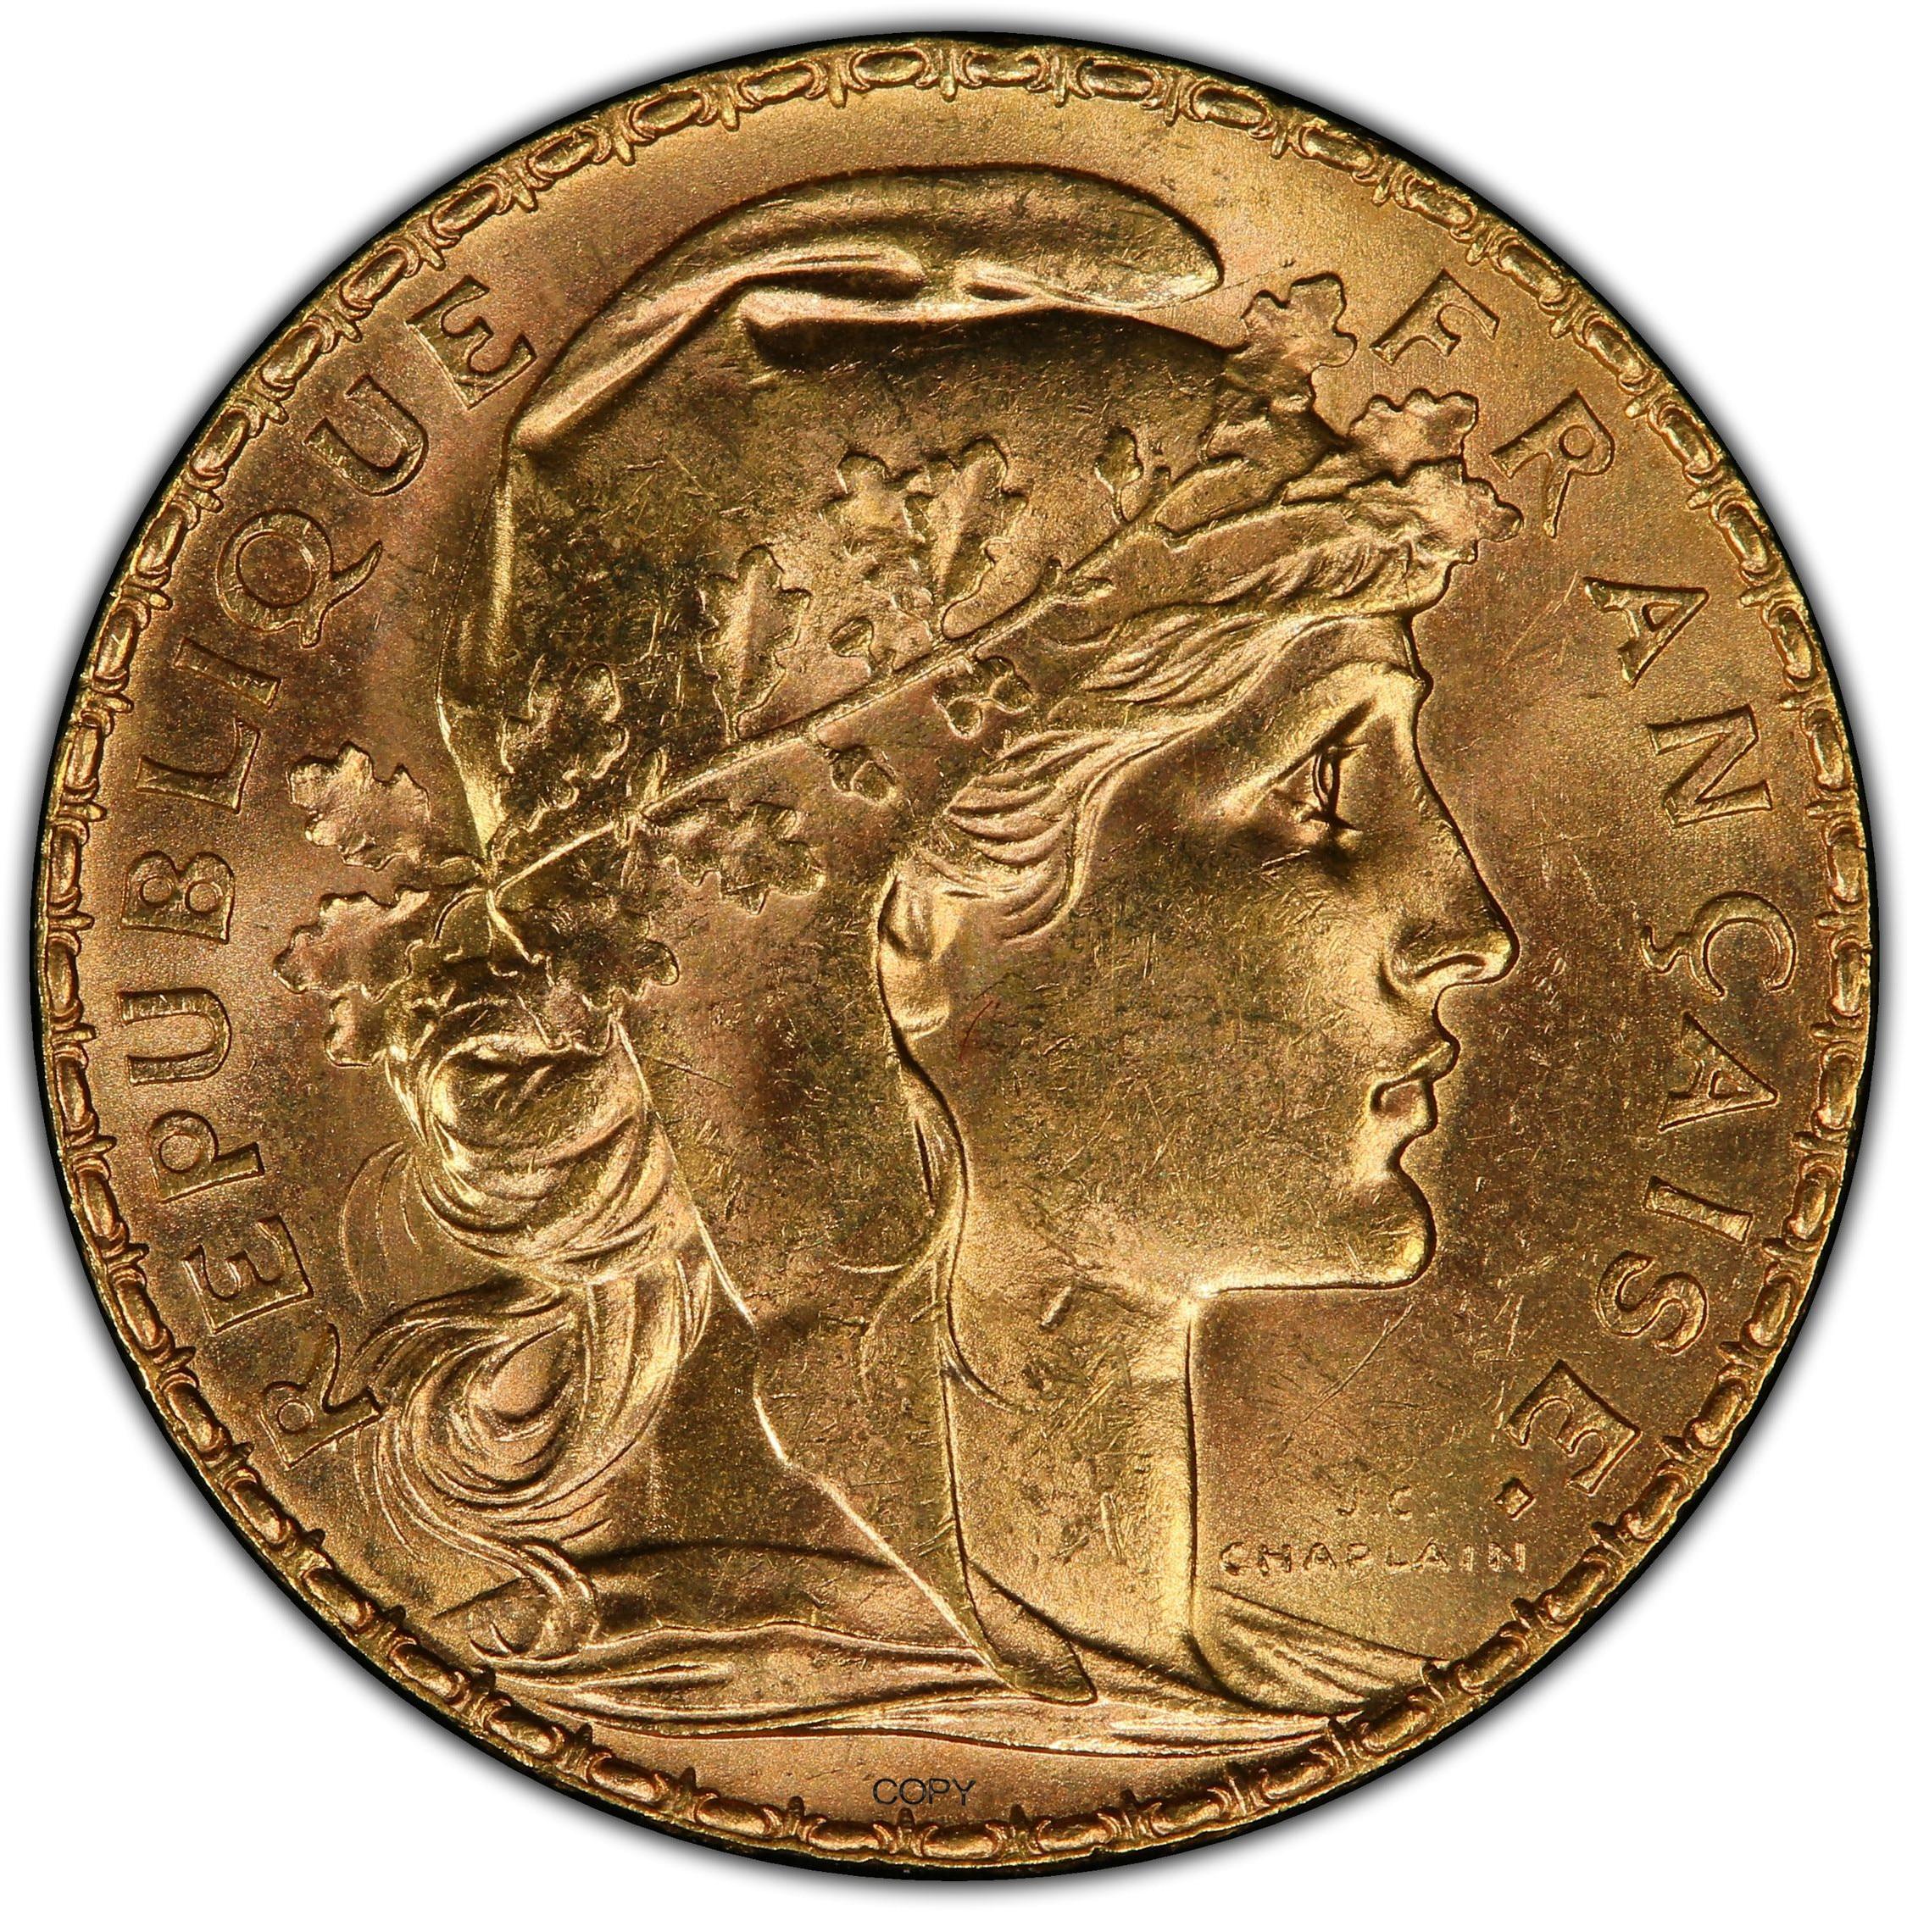 França 20 francos ouro marianne galo latão metal cópia moeda